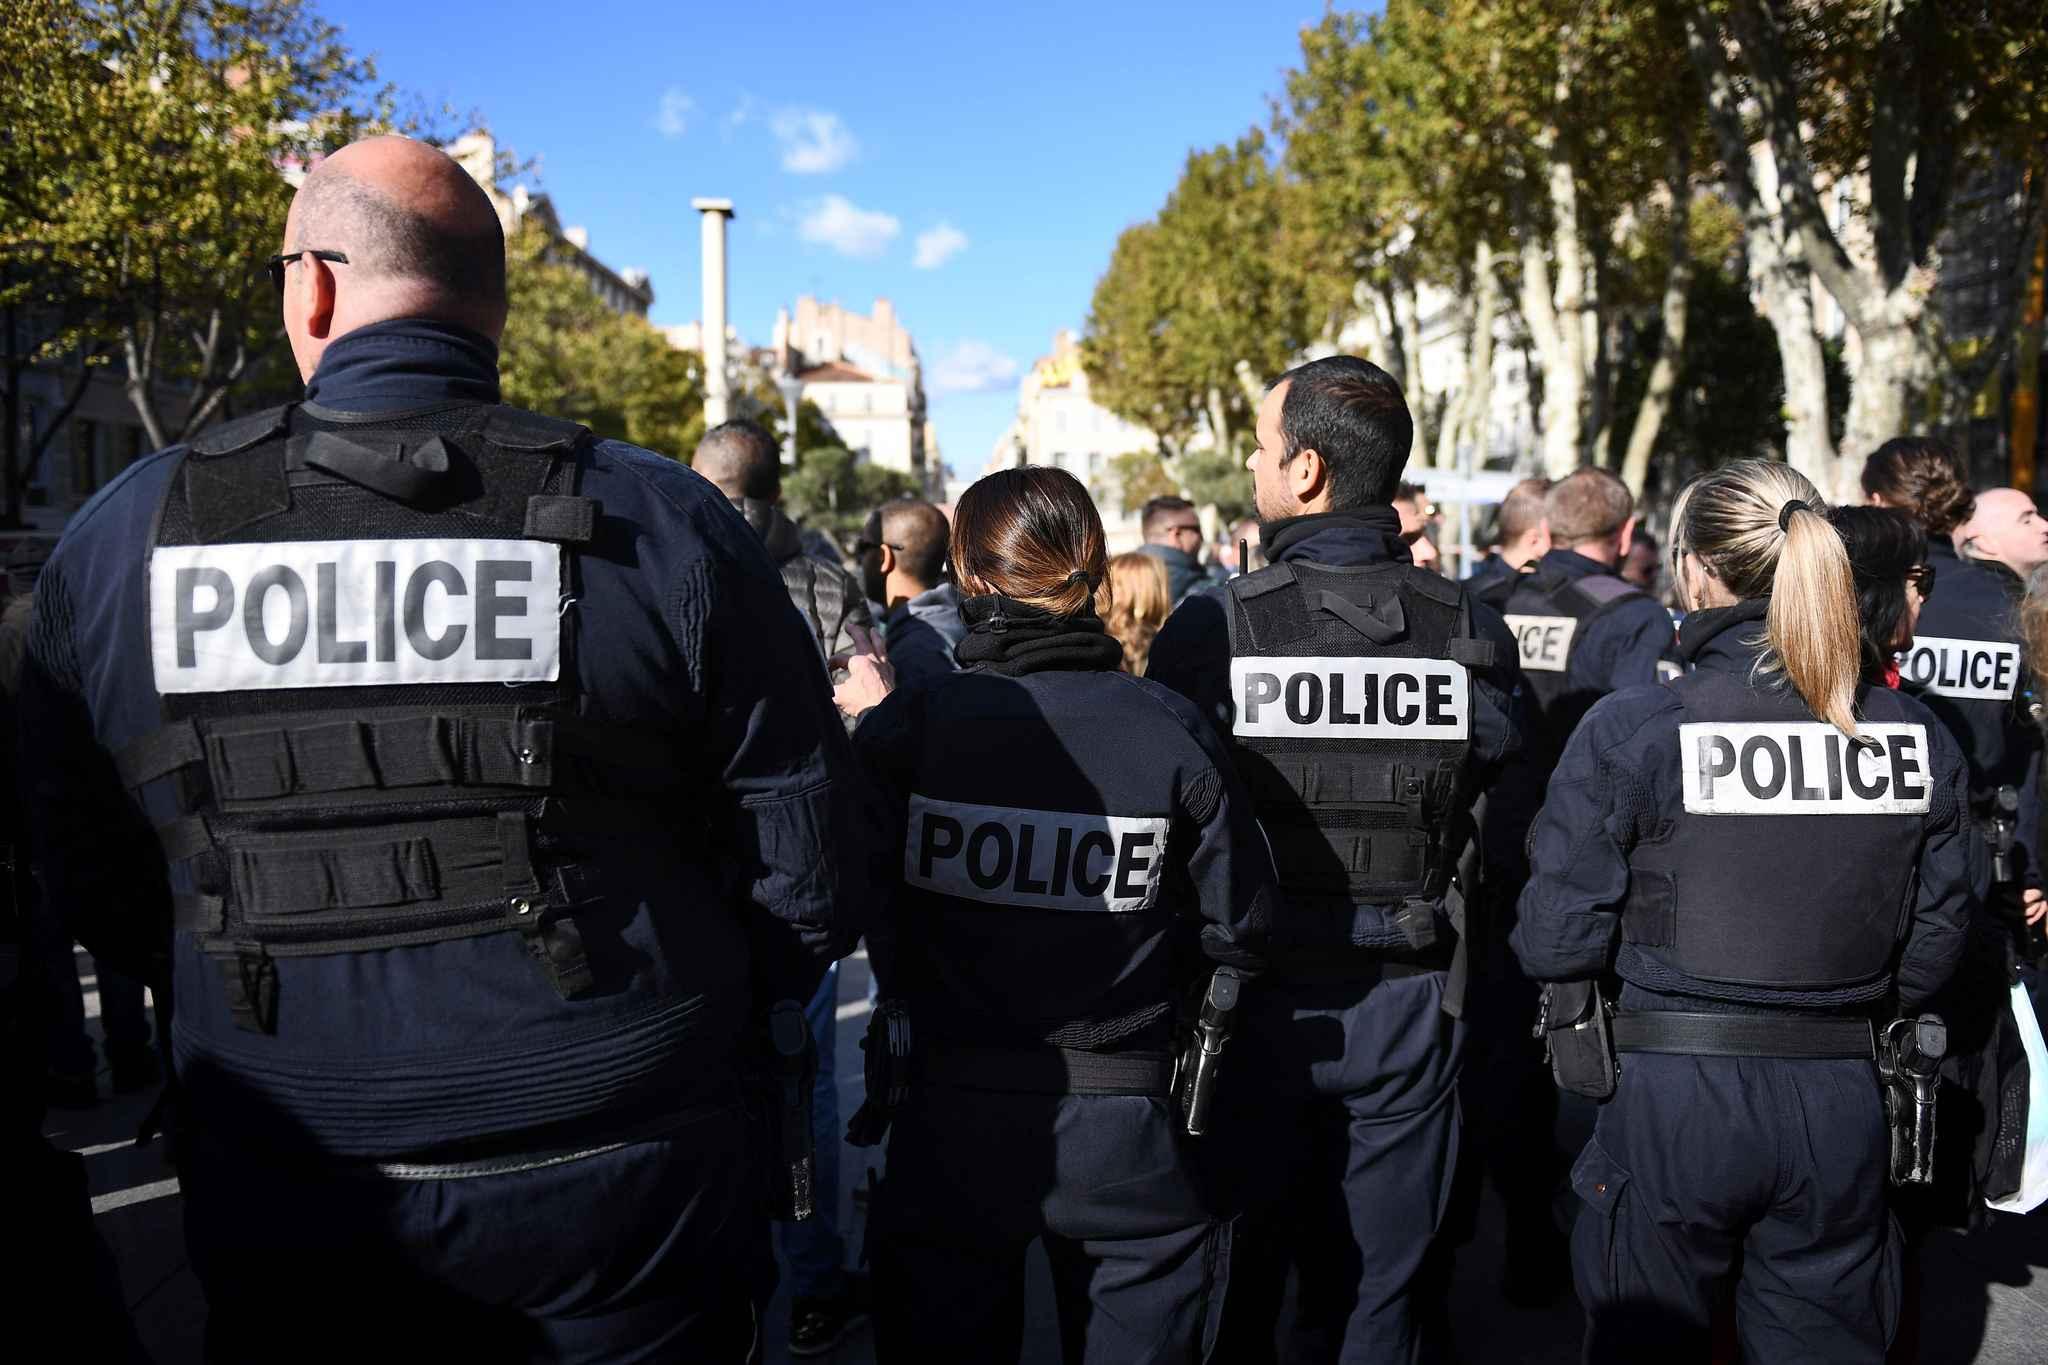 Viry-Châtillon Policiers attaqués : 4 interpellations